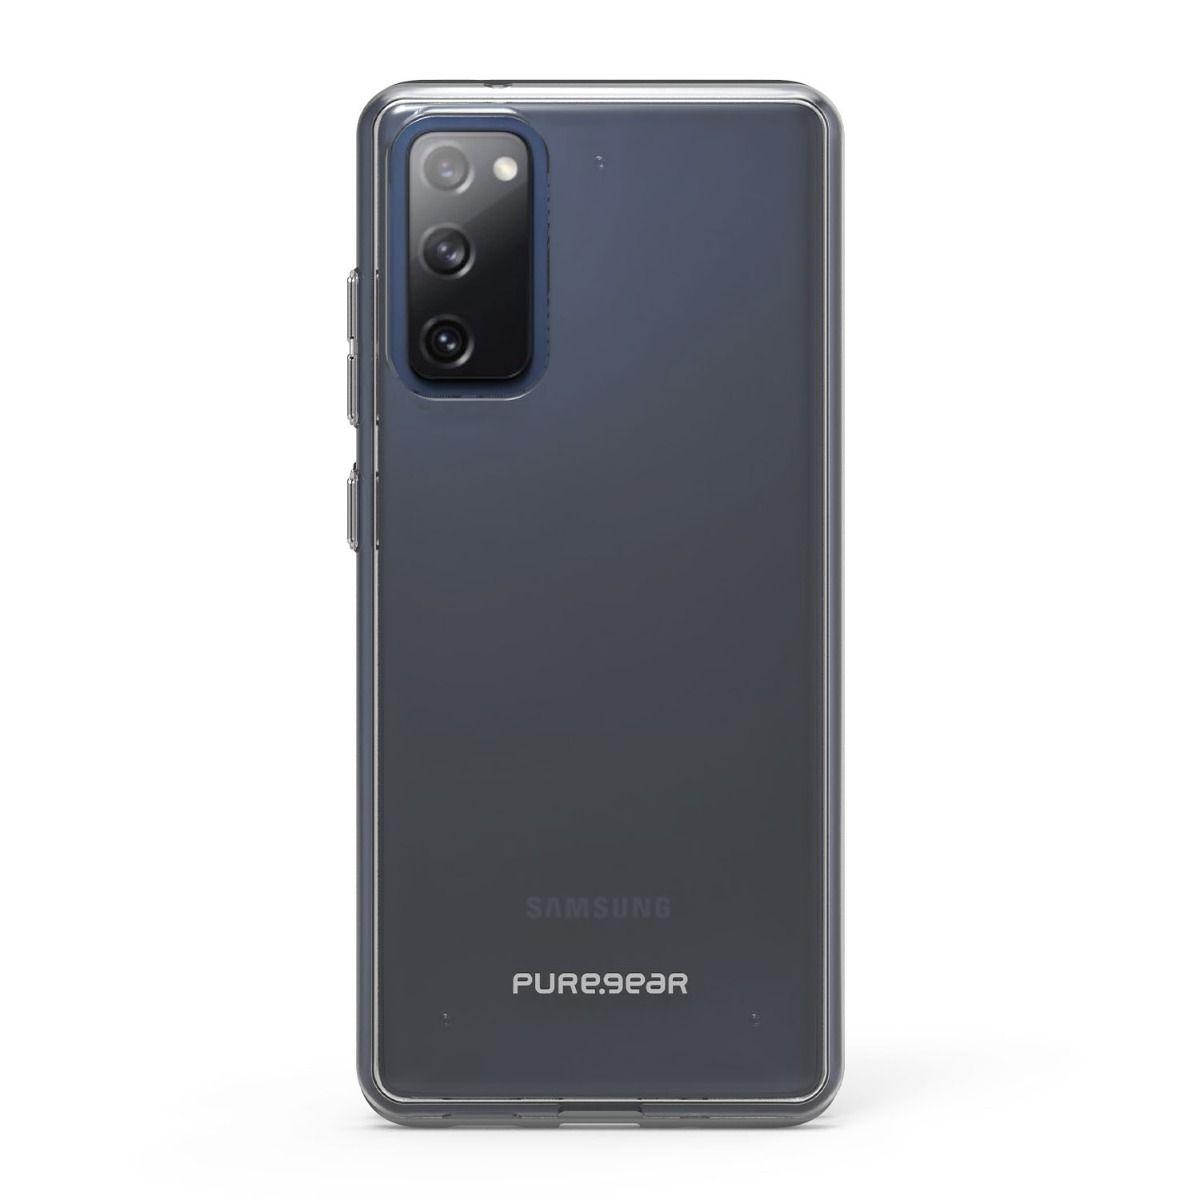 Samsung Galaxy S20 FE 5G Slim Shell Case - Clear/Clear